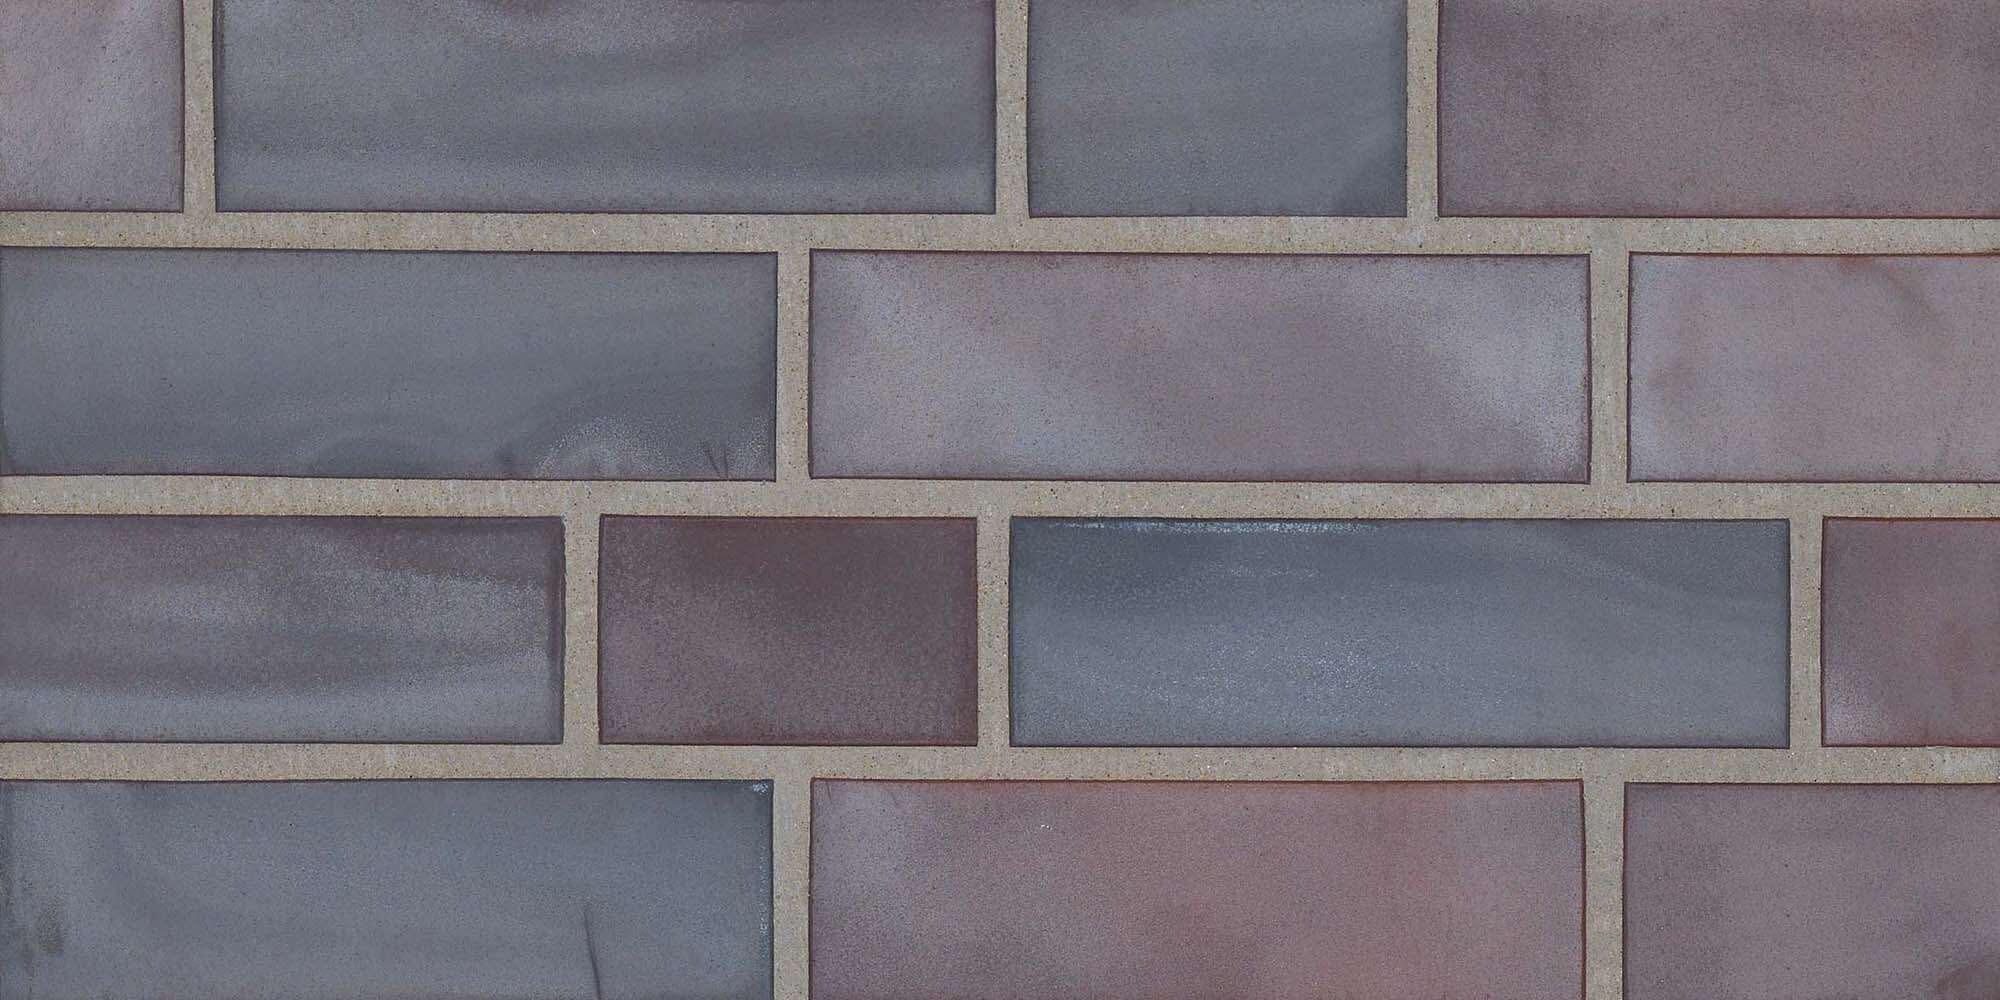 Stroeher - 325 achatblue flashed, Keravette, unglasiert, неглазурованная, гладкая, 240x71x11 - Клинкерная плитка для фасада и внутренней отделки